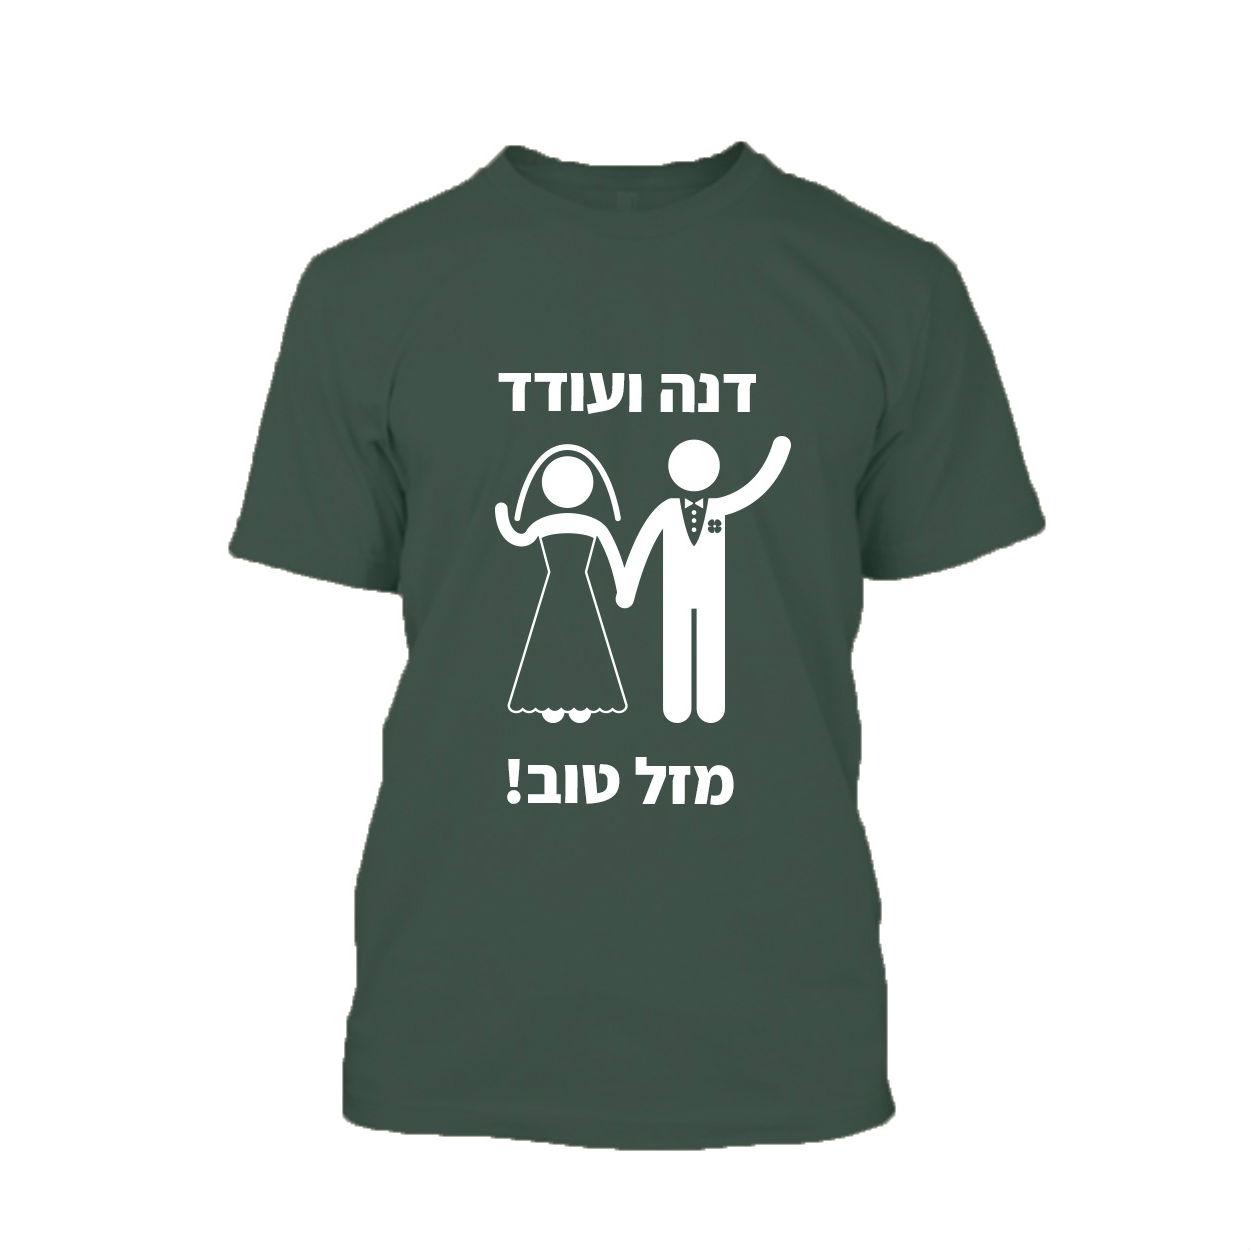 חולצת חתונה מודפסת לחברים